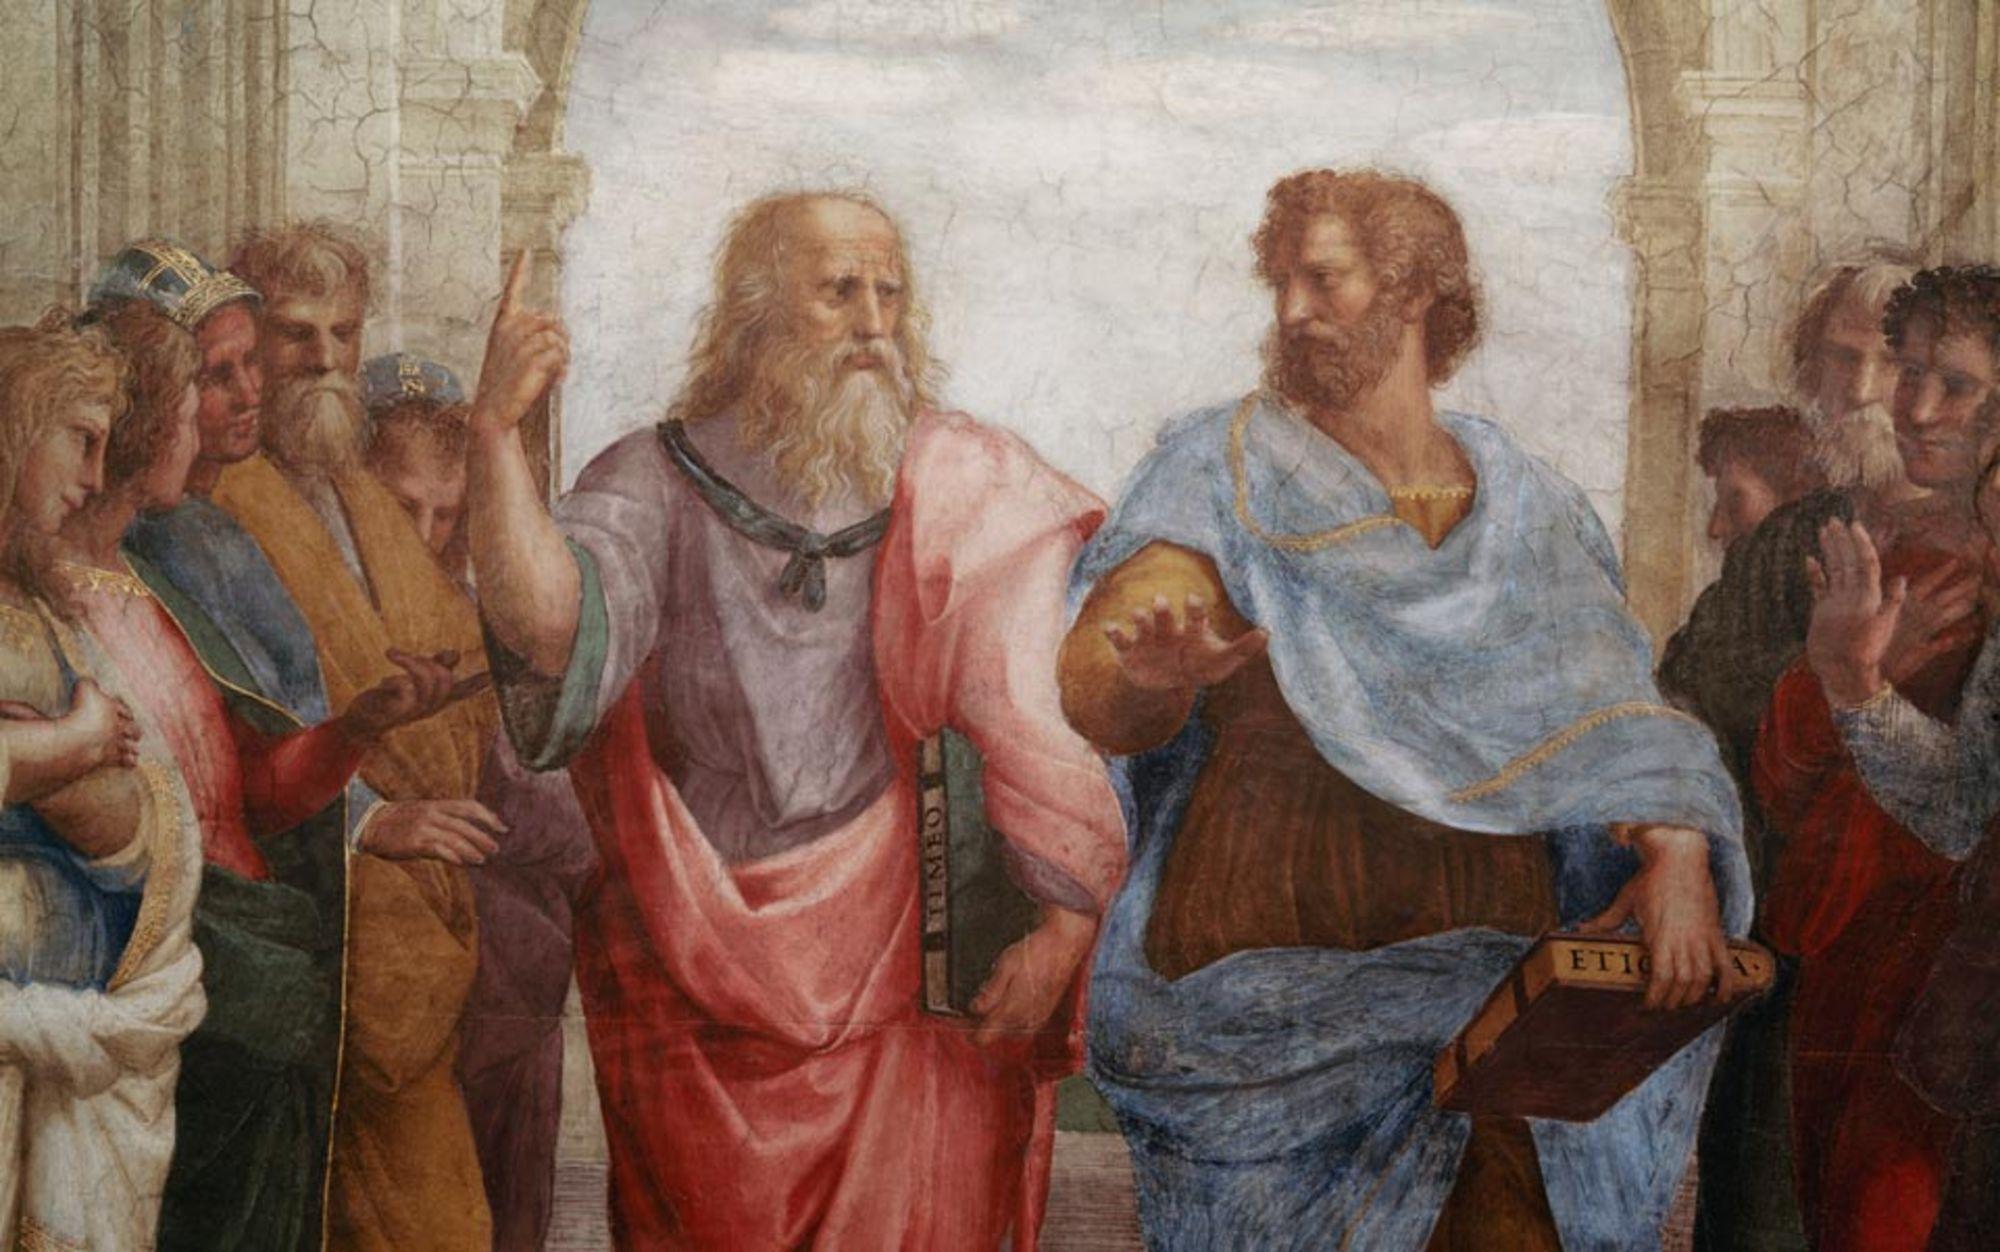 Header plato and aristotle